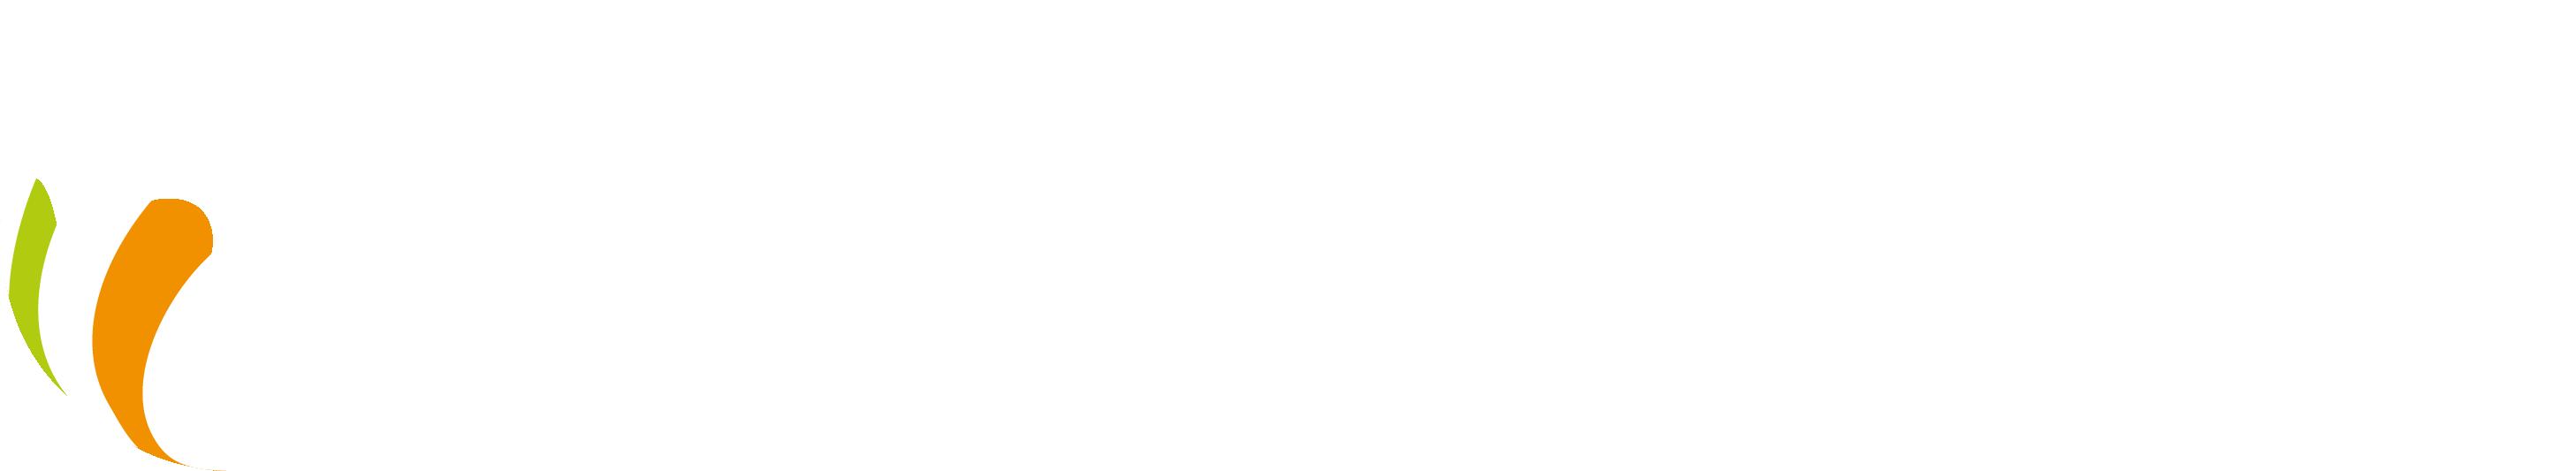 logo-PRIME-R-white